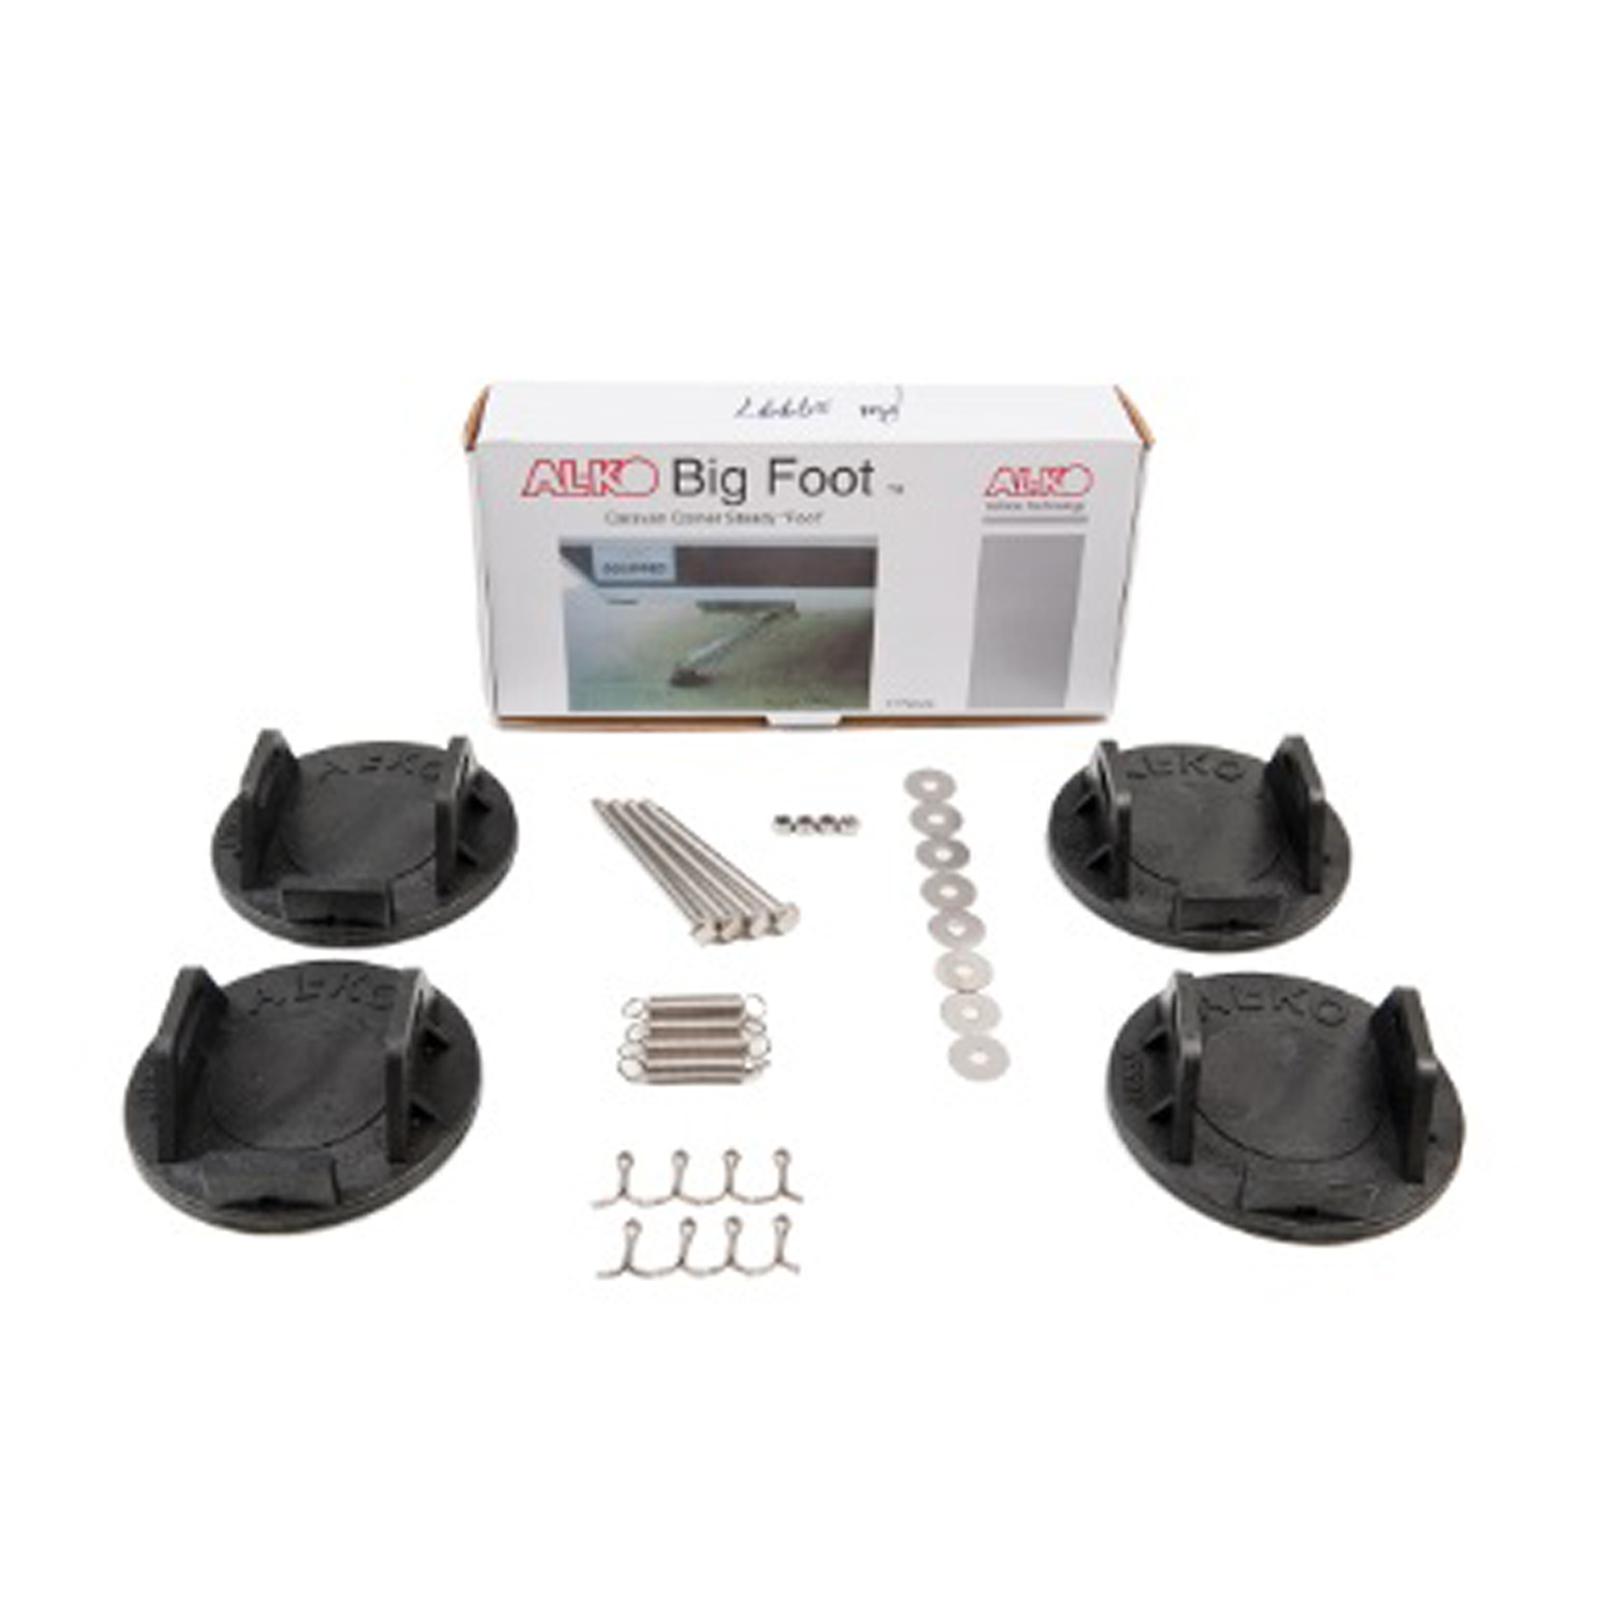 Al Ko Big Foot Caravan Stabilizer Corner Steadies Plate Leg Feet